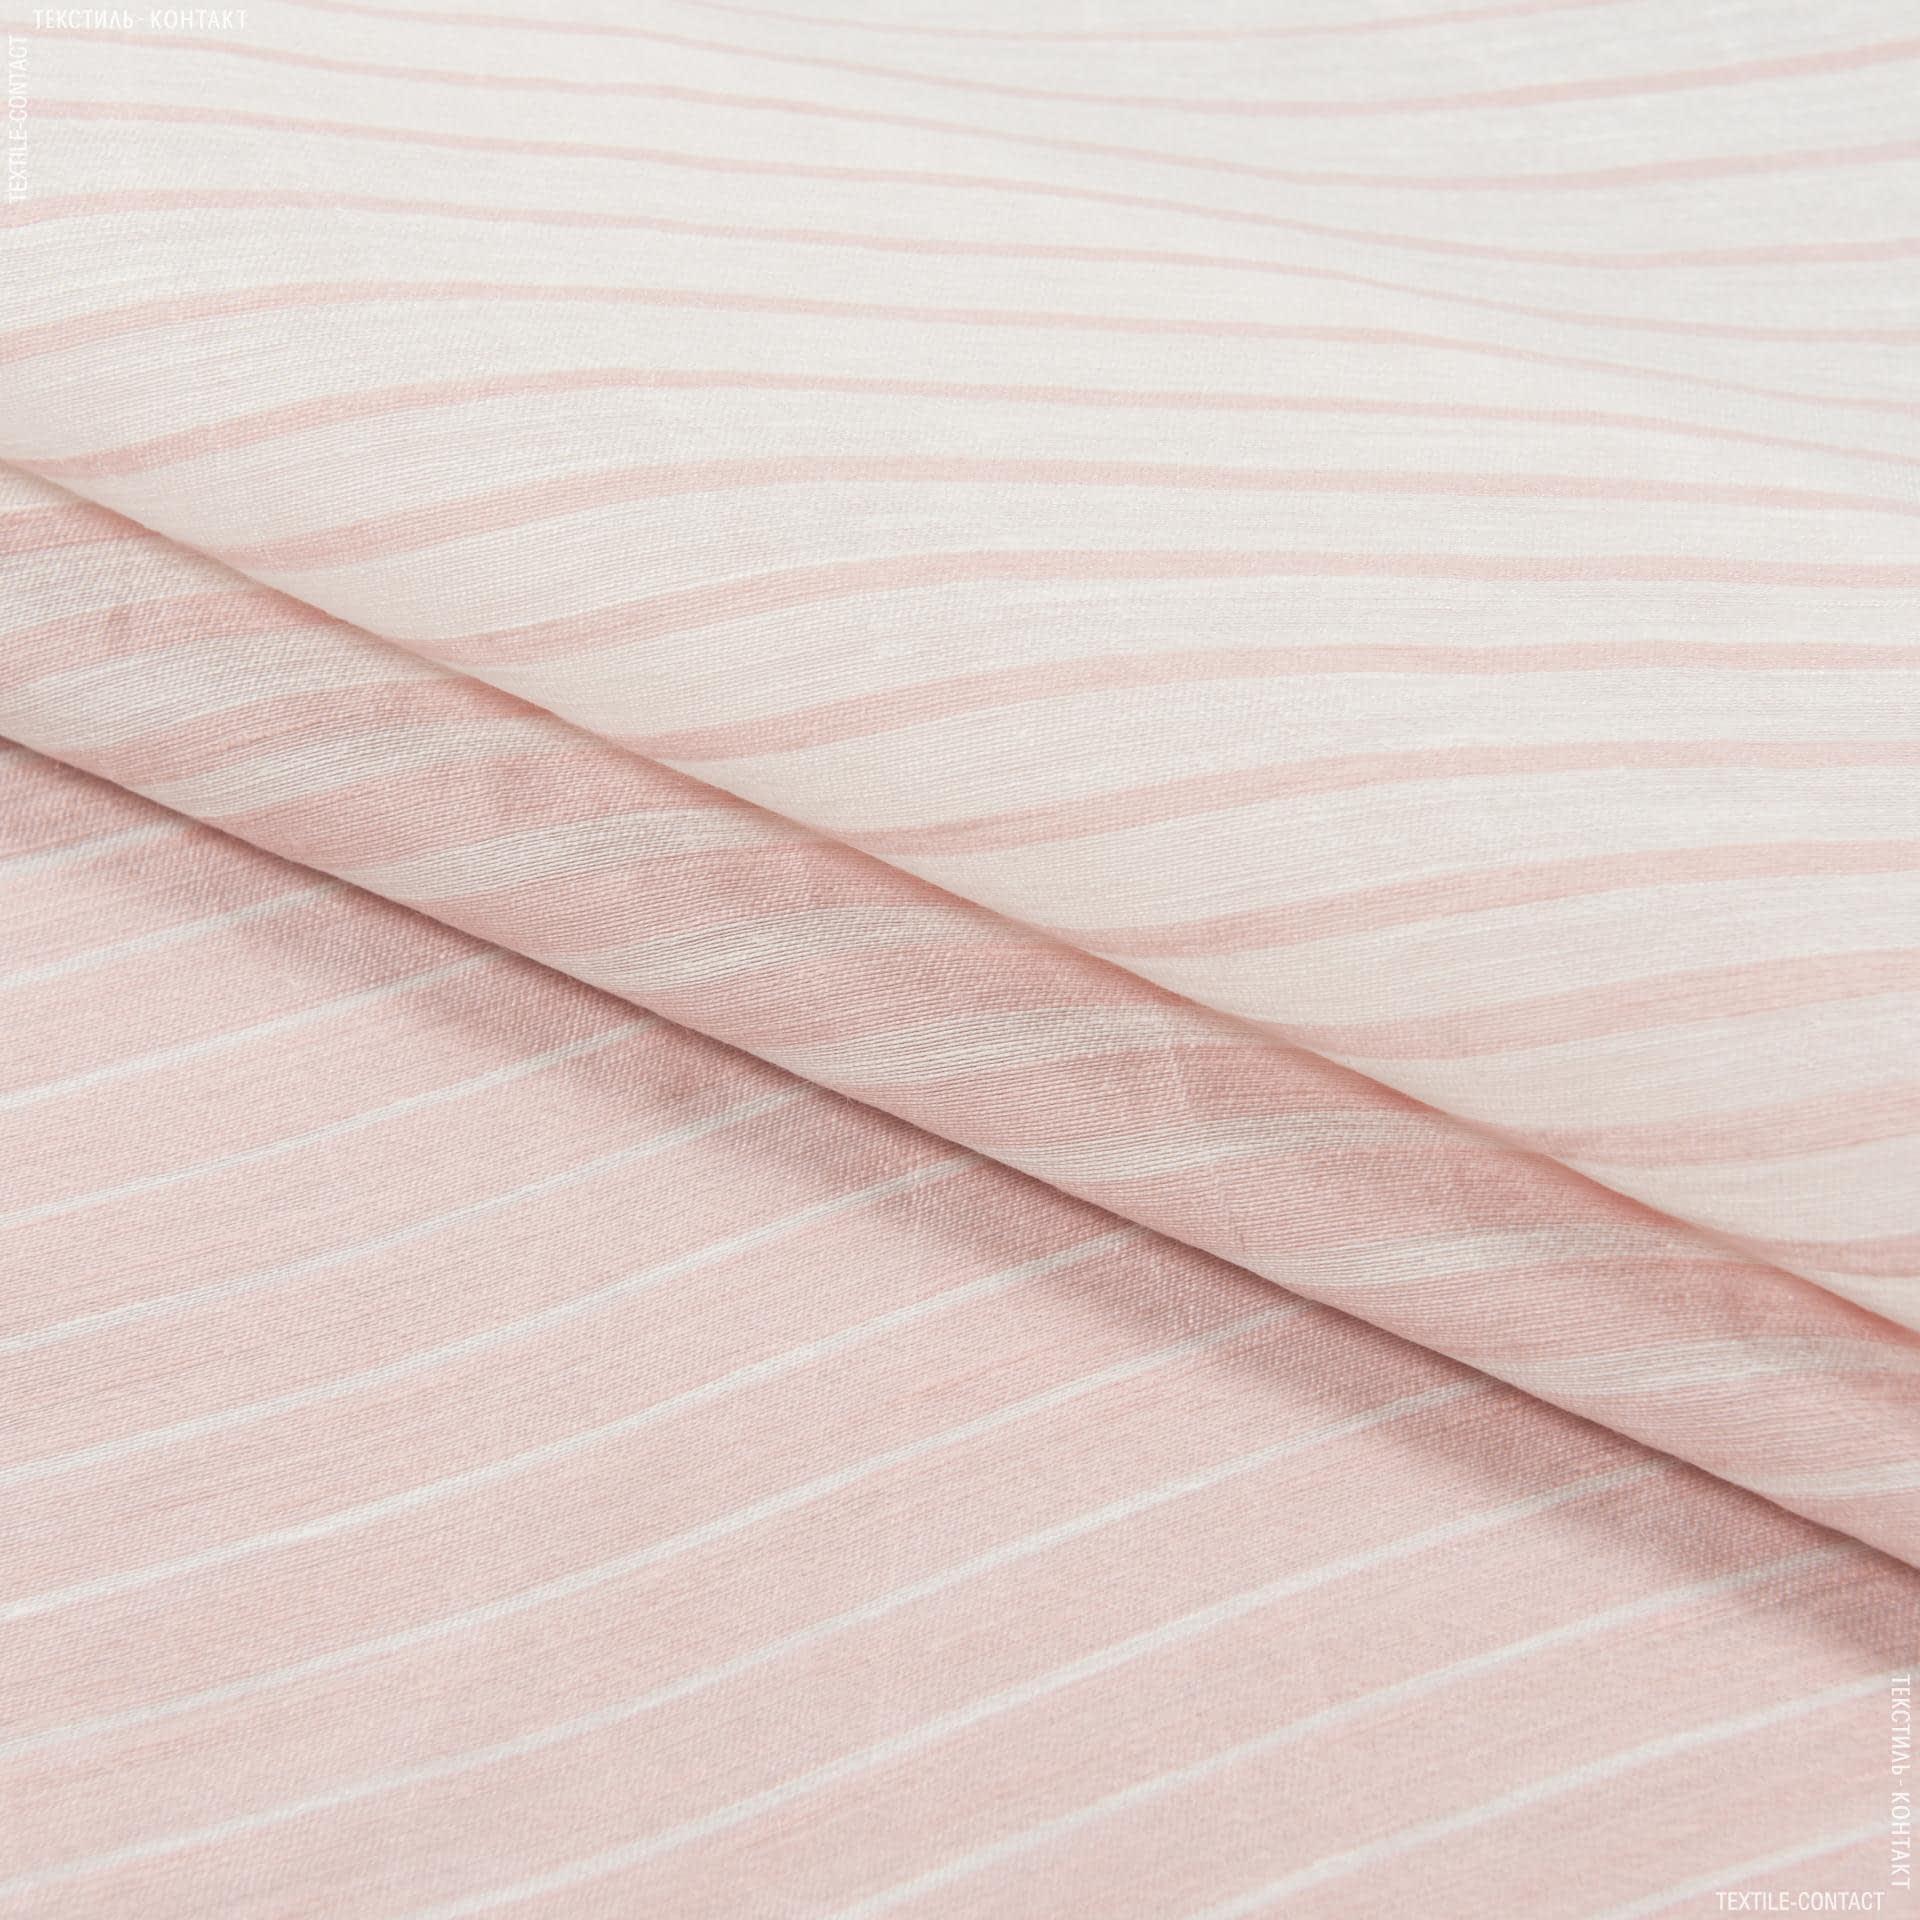 Ткани для костюмов - Лен купон 100см бело-розовый